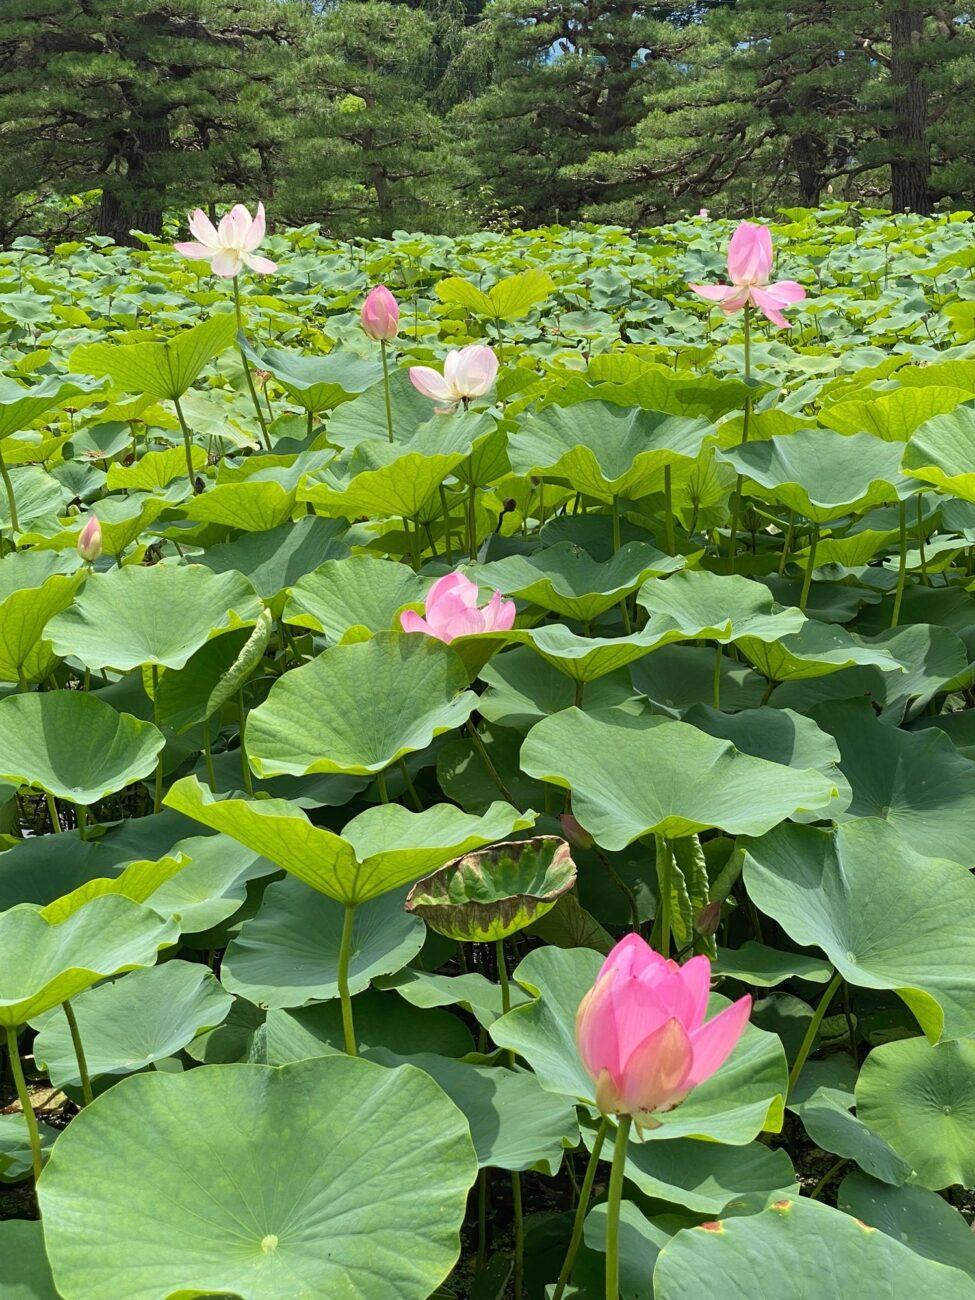 木島平村の稲泉寺のハスの花 2021年7月14日の様子 その2